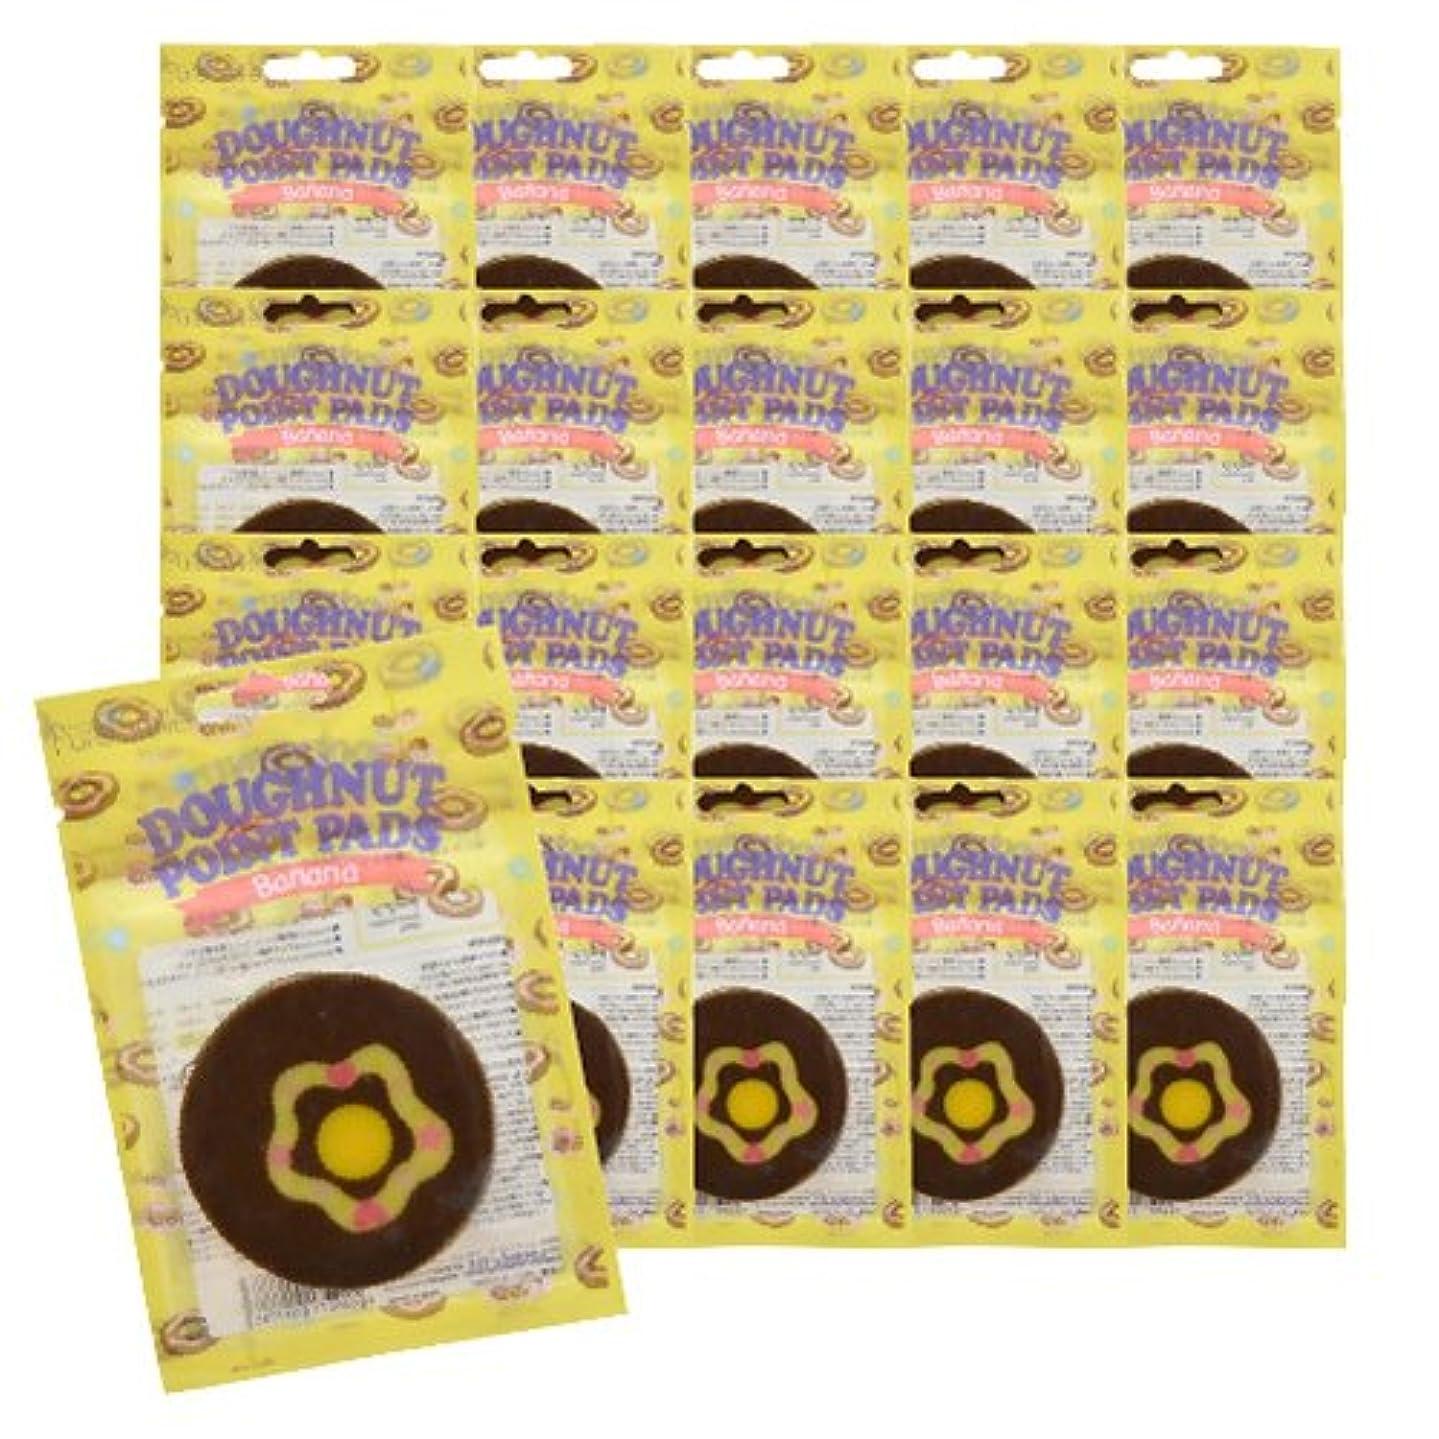 十一病気のはちみつピュアスマイル スイートドーナツポイントパッド バナナ 20枚パック